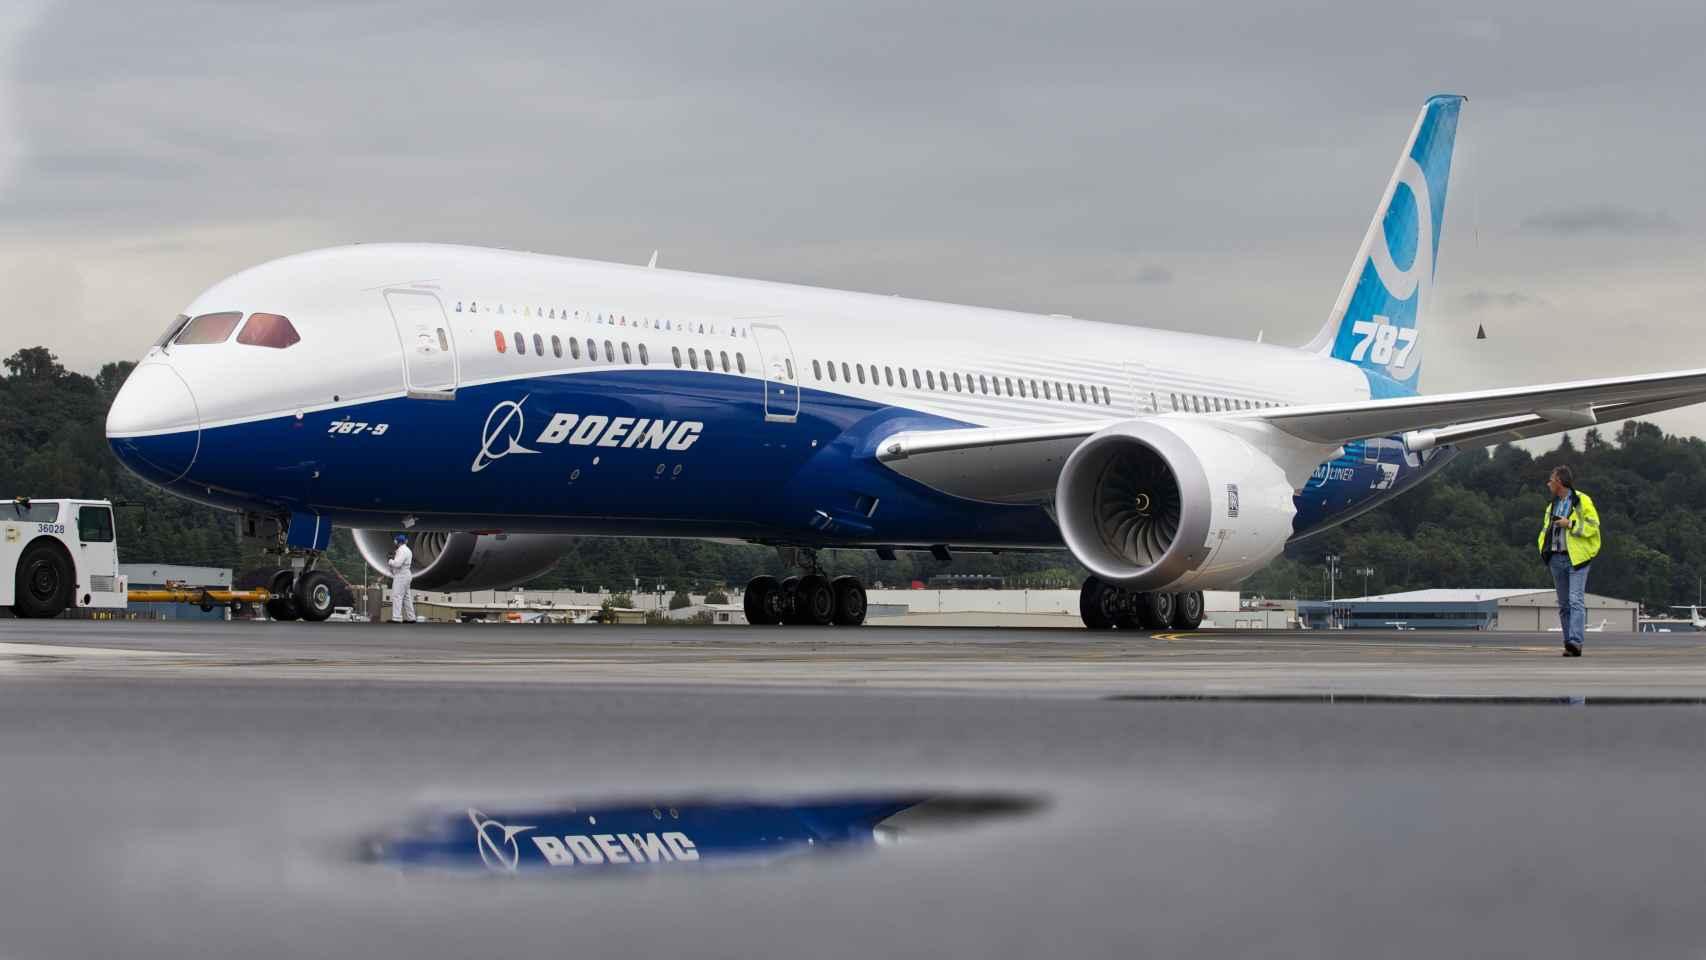 Un 787 de Boeing, uno de los modelos estrella de la compañía estadounidense.